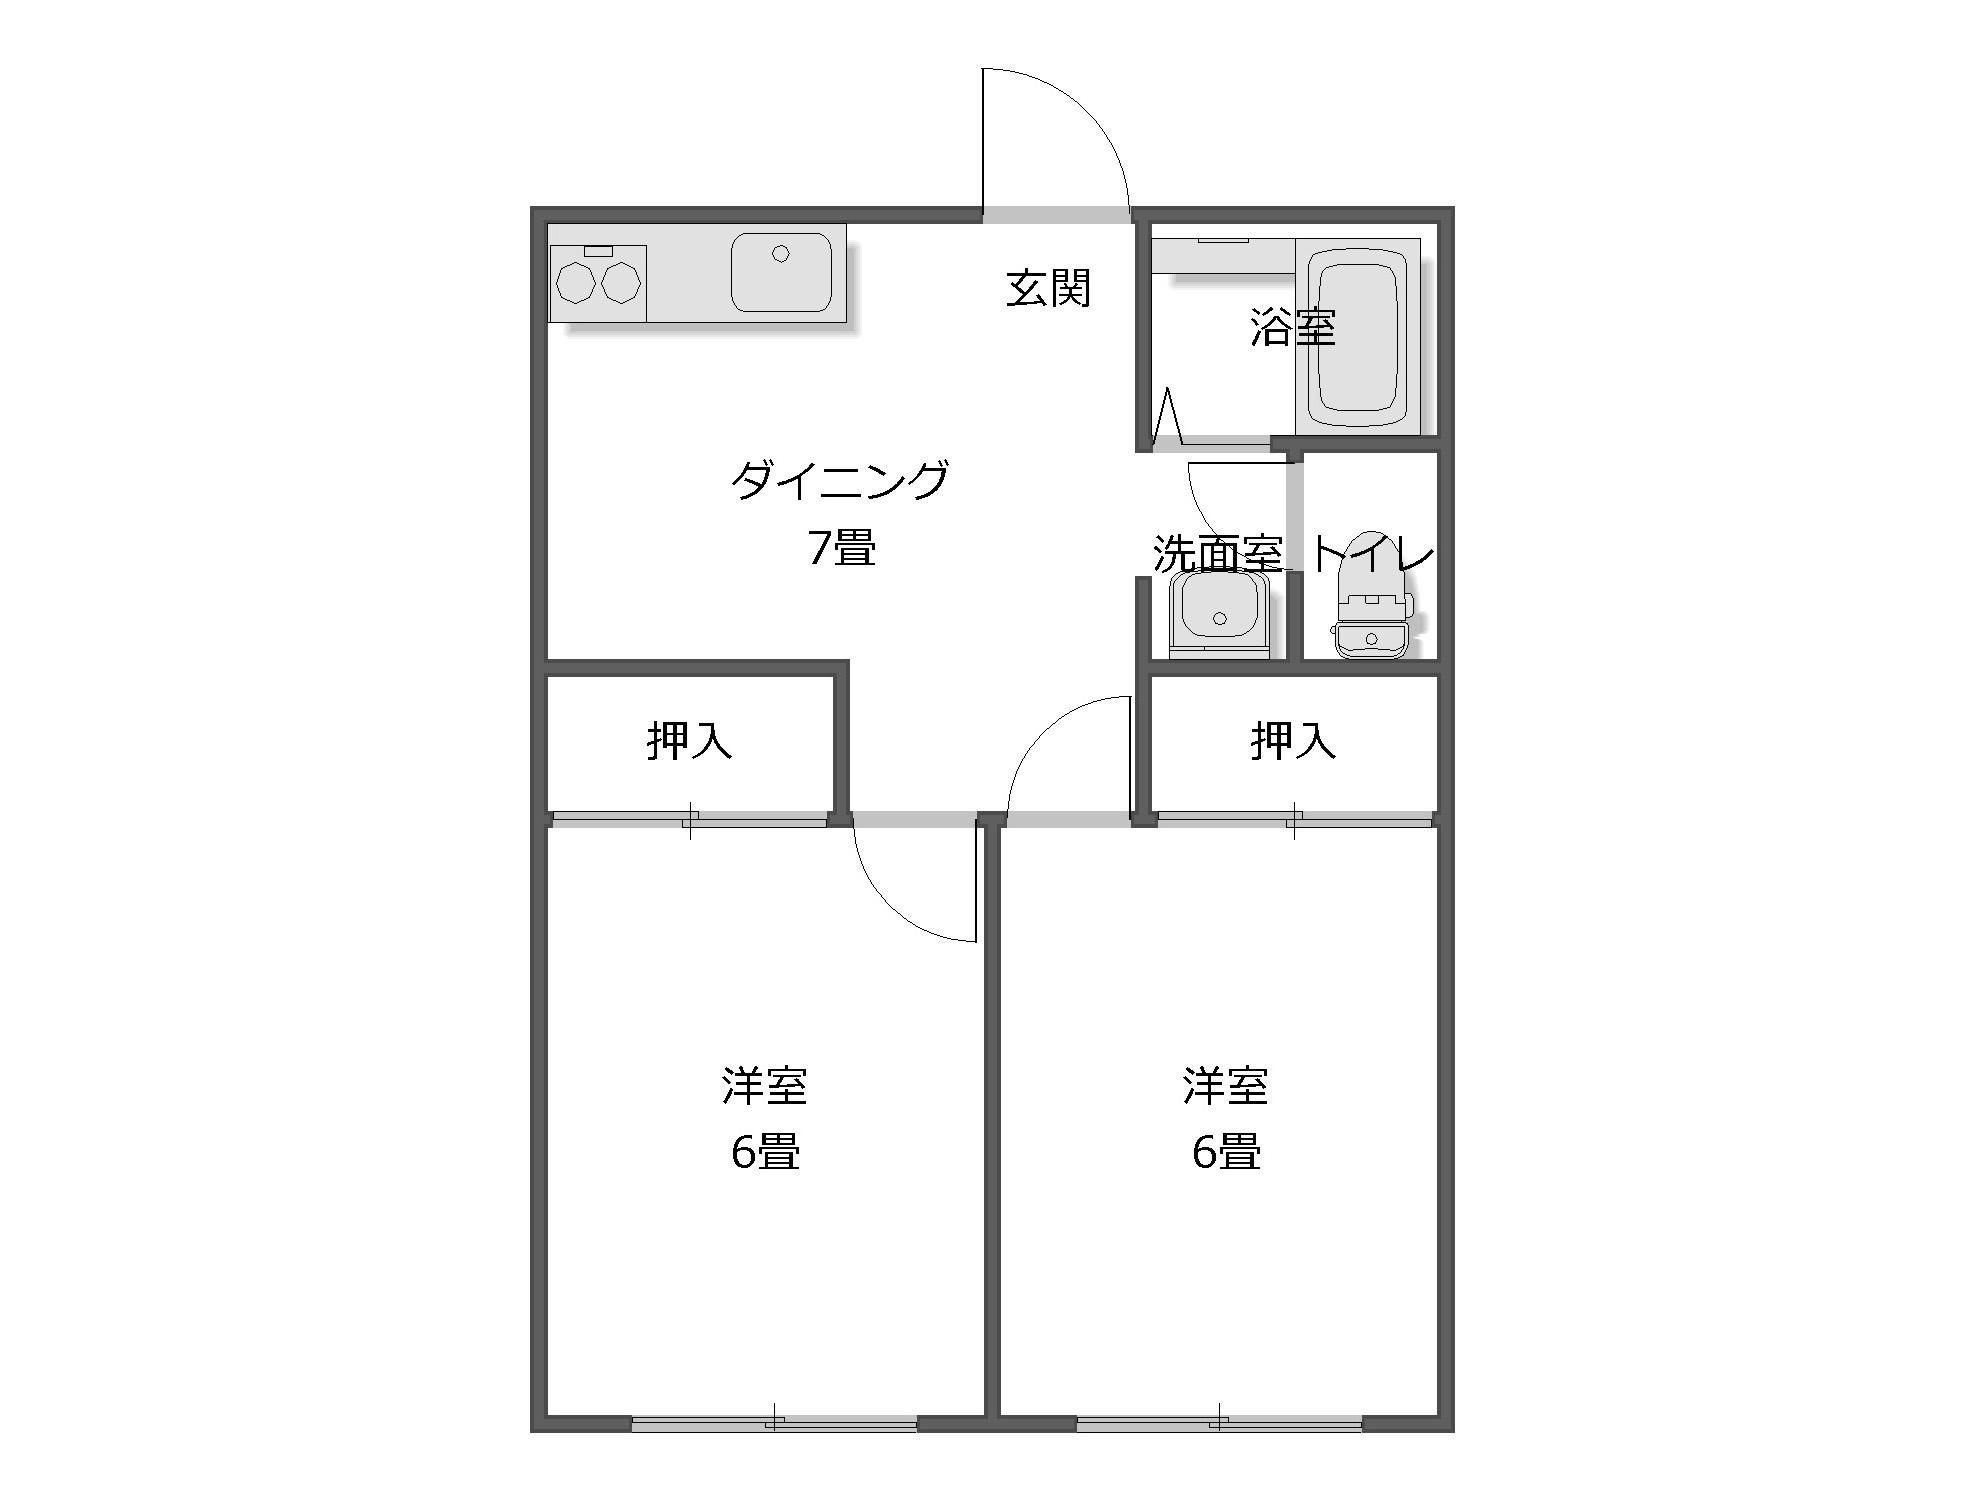 2DK 東京都三鷹市・空室対策前